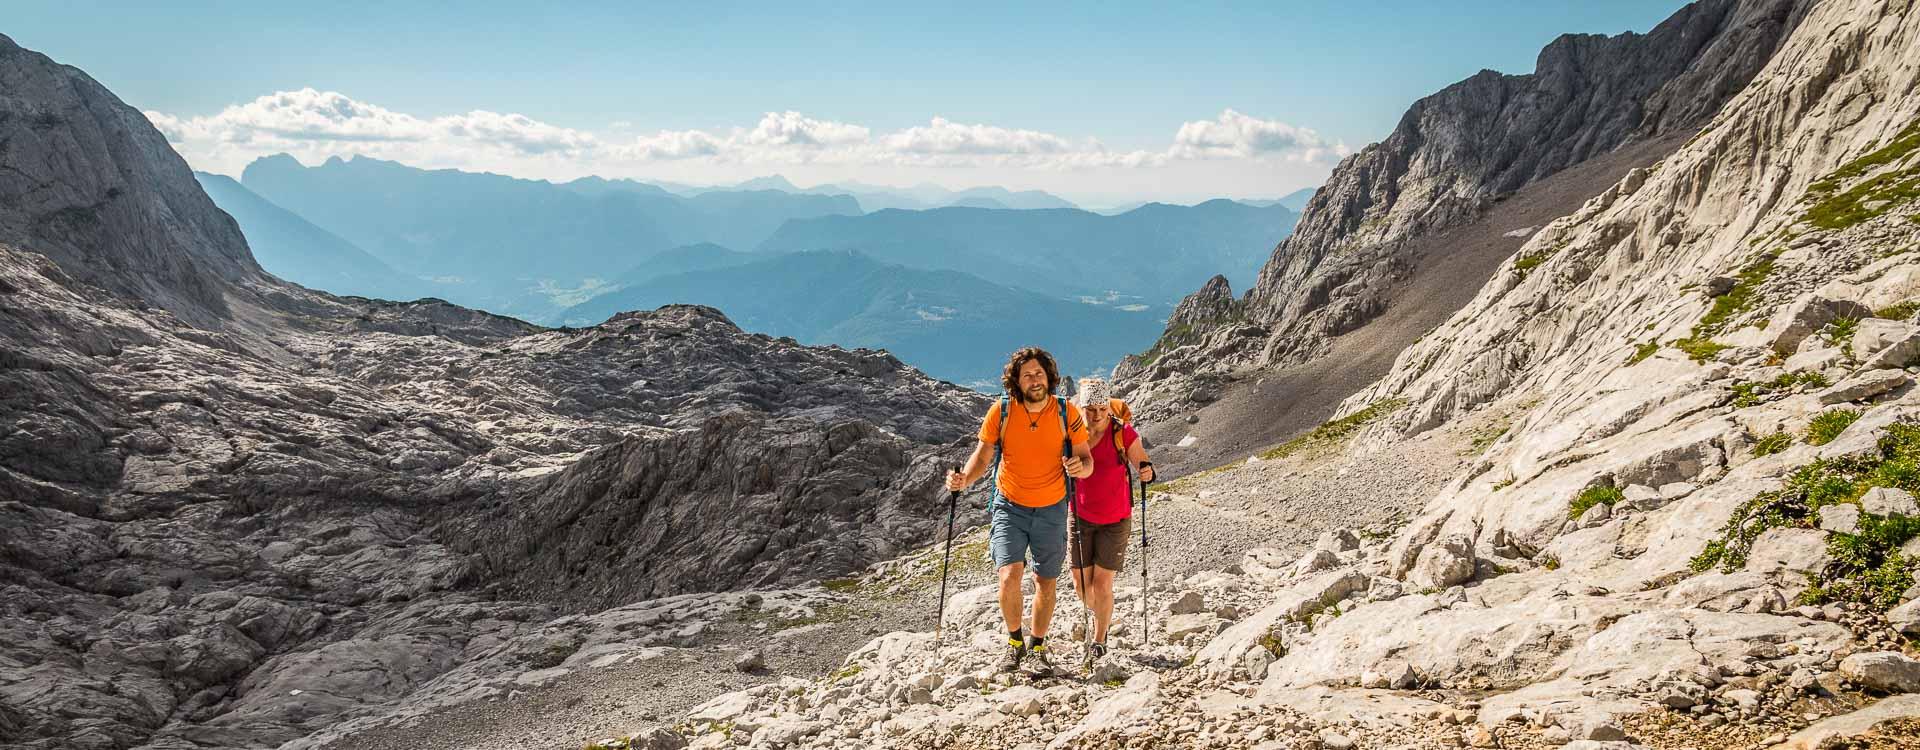 Wandern im steinernen Meer im Nationalpark Berchtesgaden